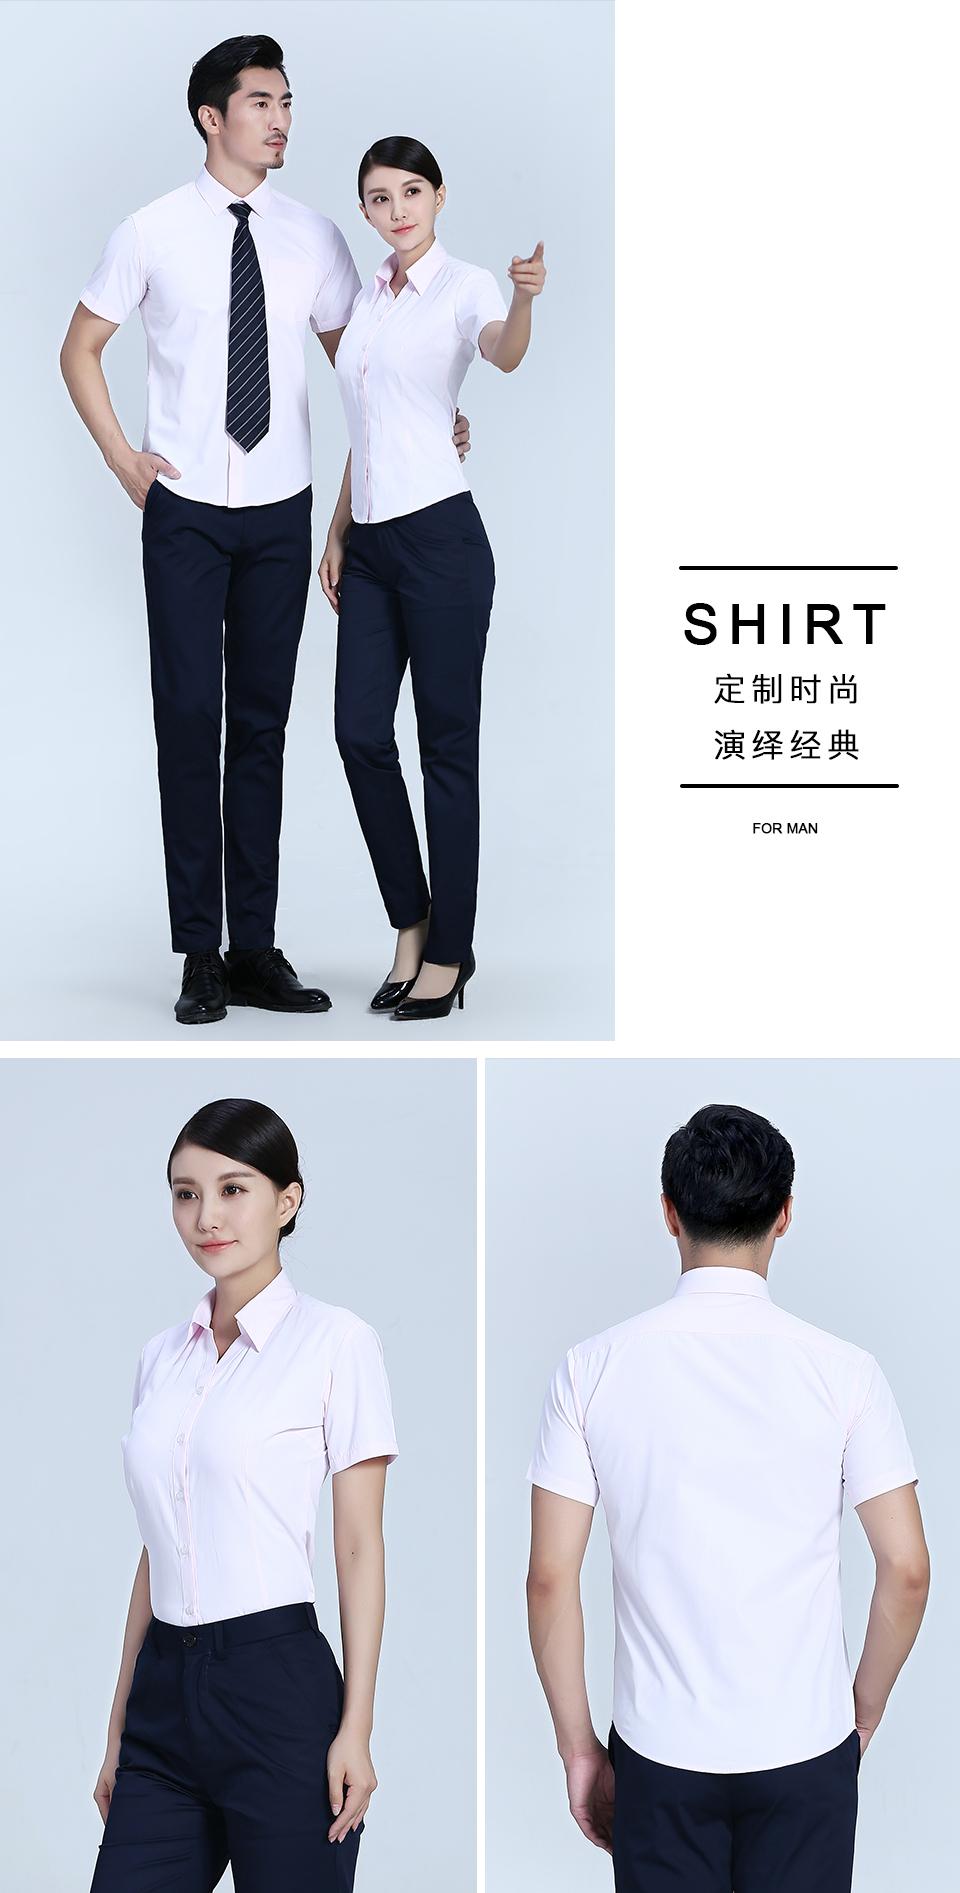 2019新款粉色衬衫男粉色全棉商务短袖衬衫